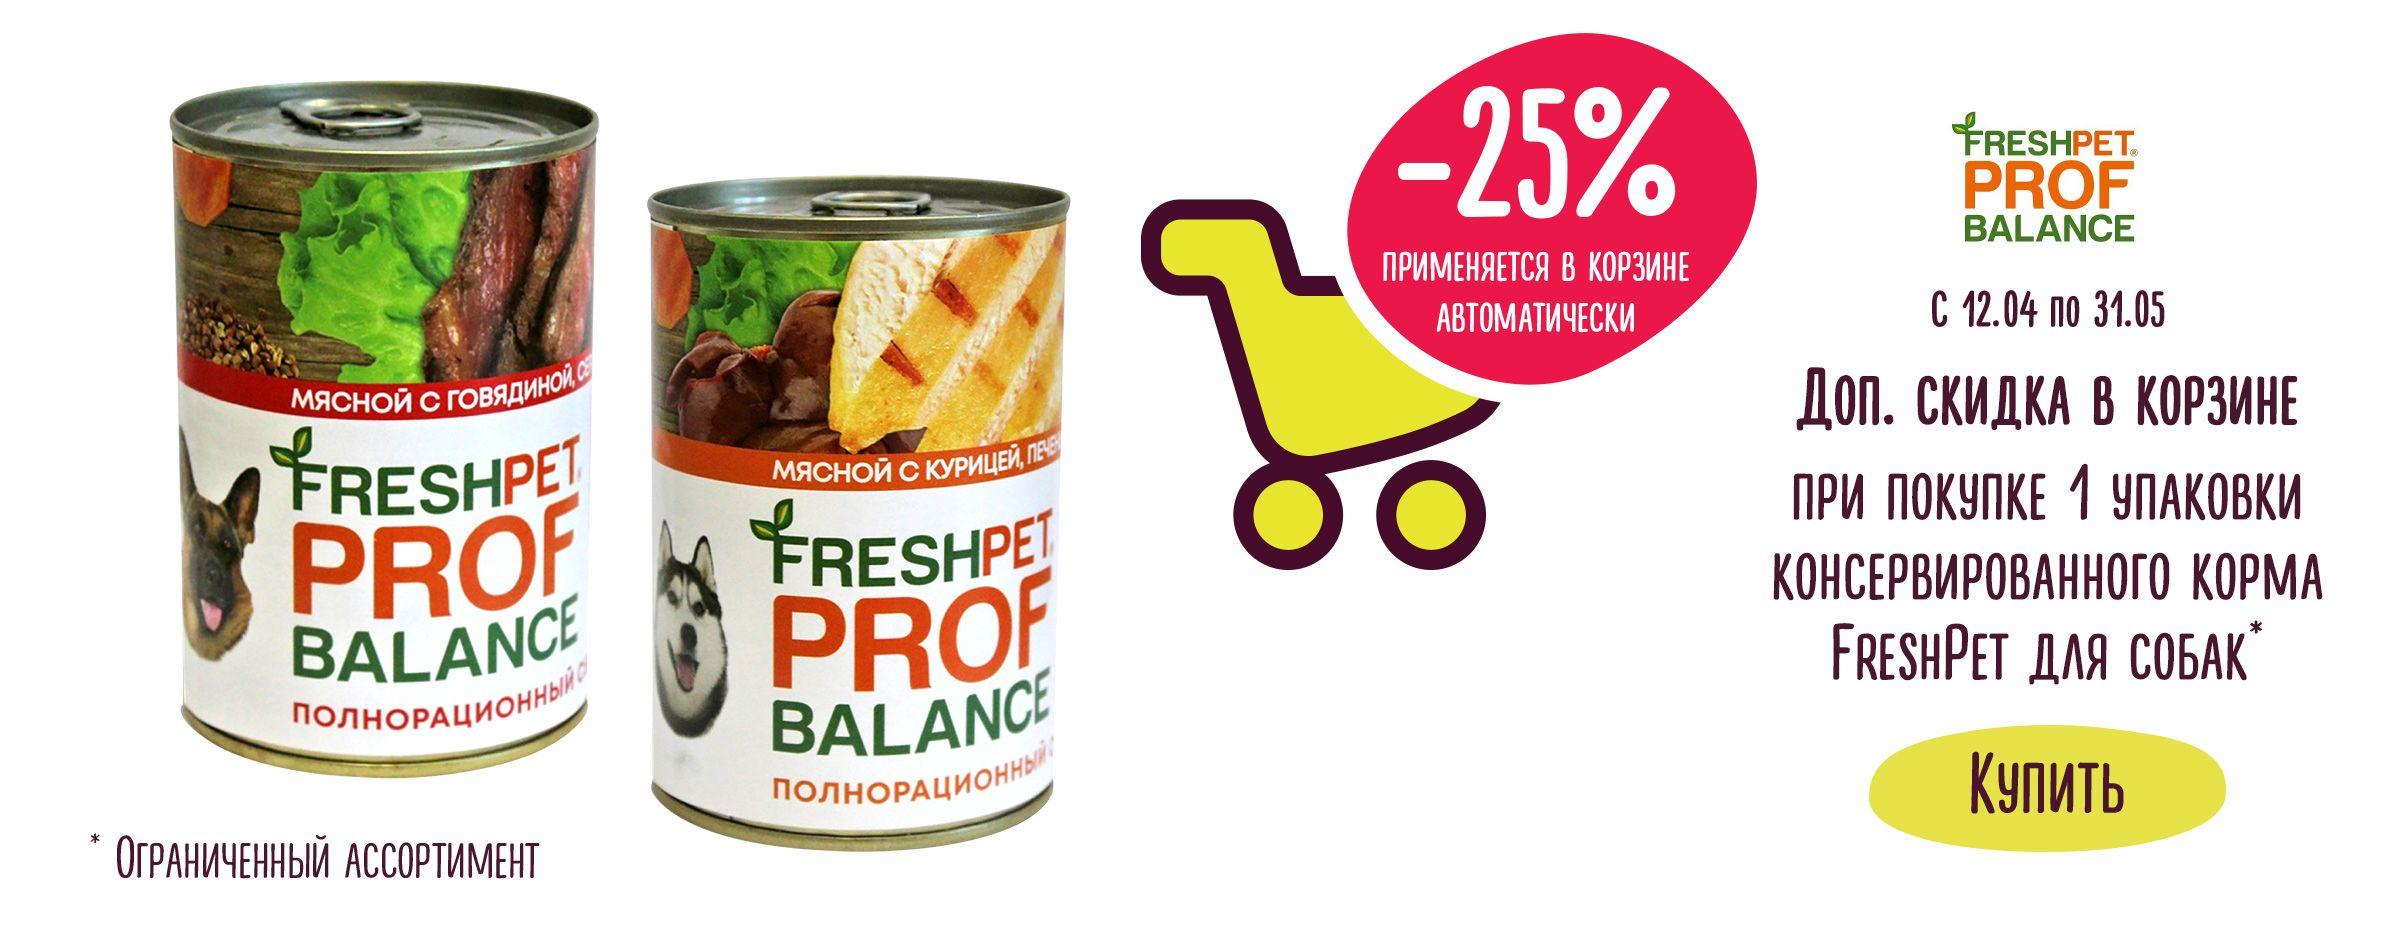 Доп. скидка 25% при покупке 1 упаковки консервированного корма FreshPet для собак